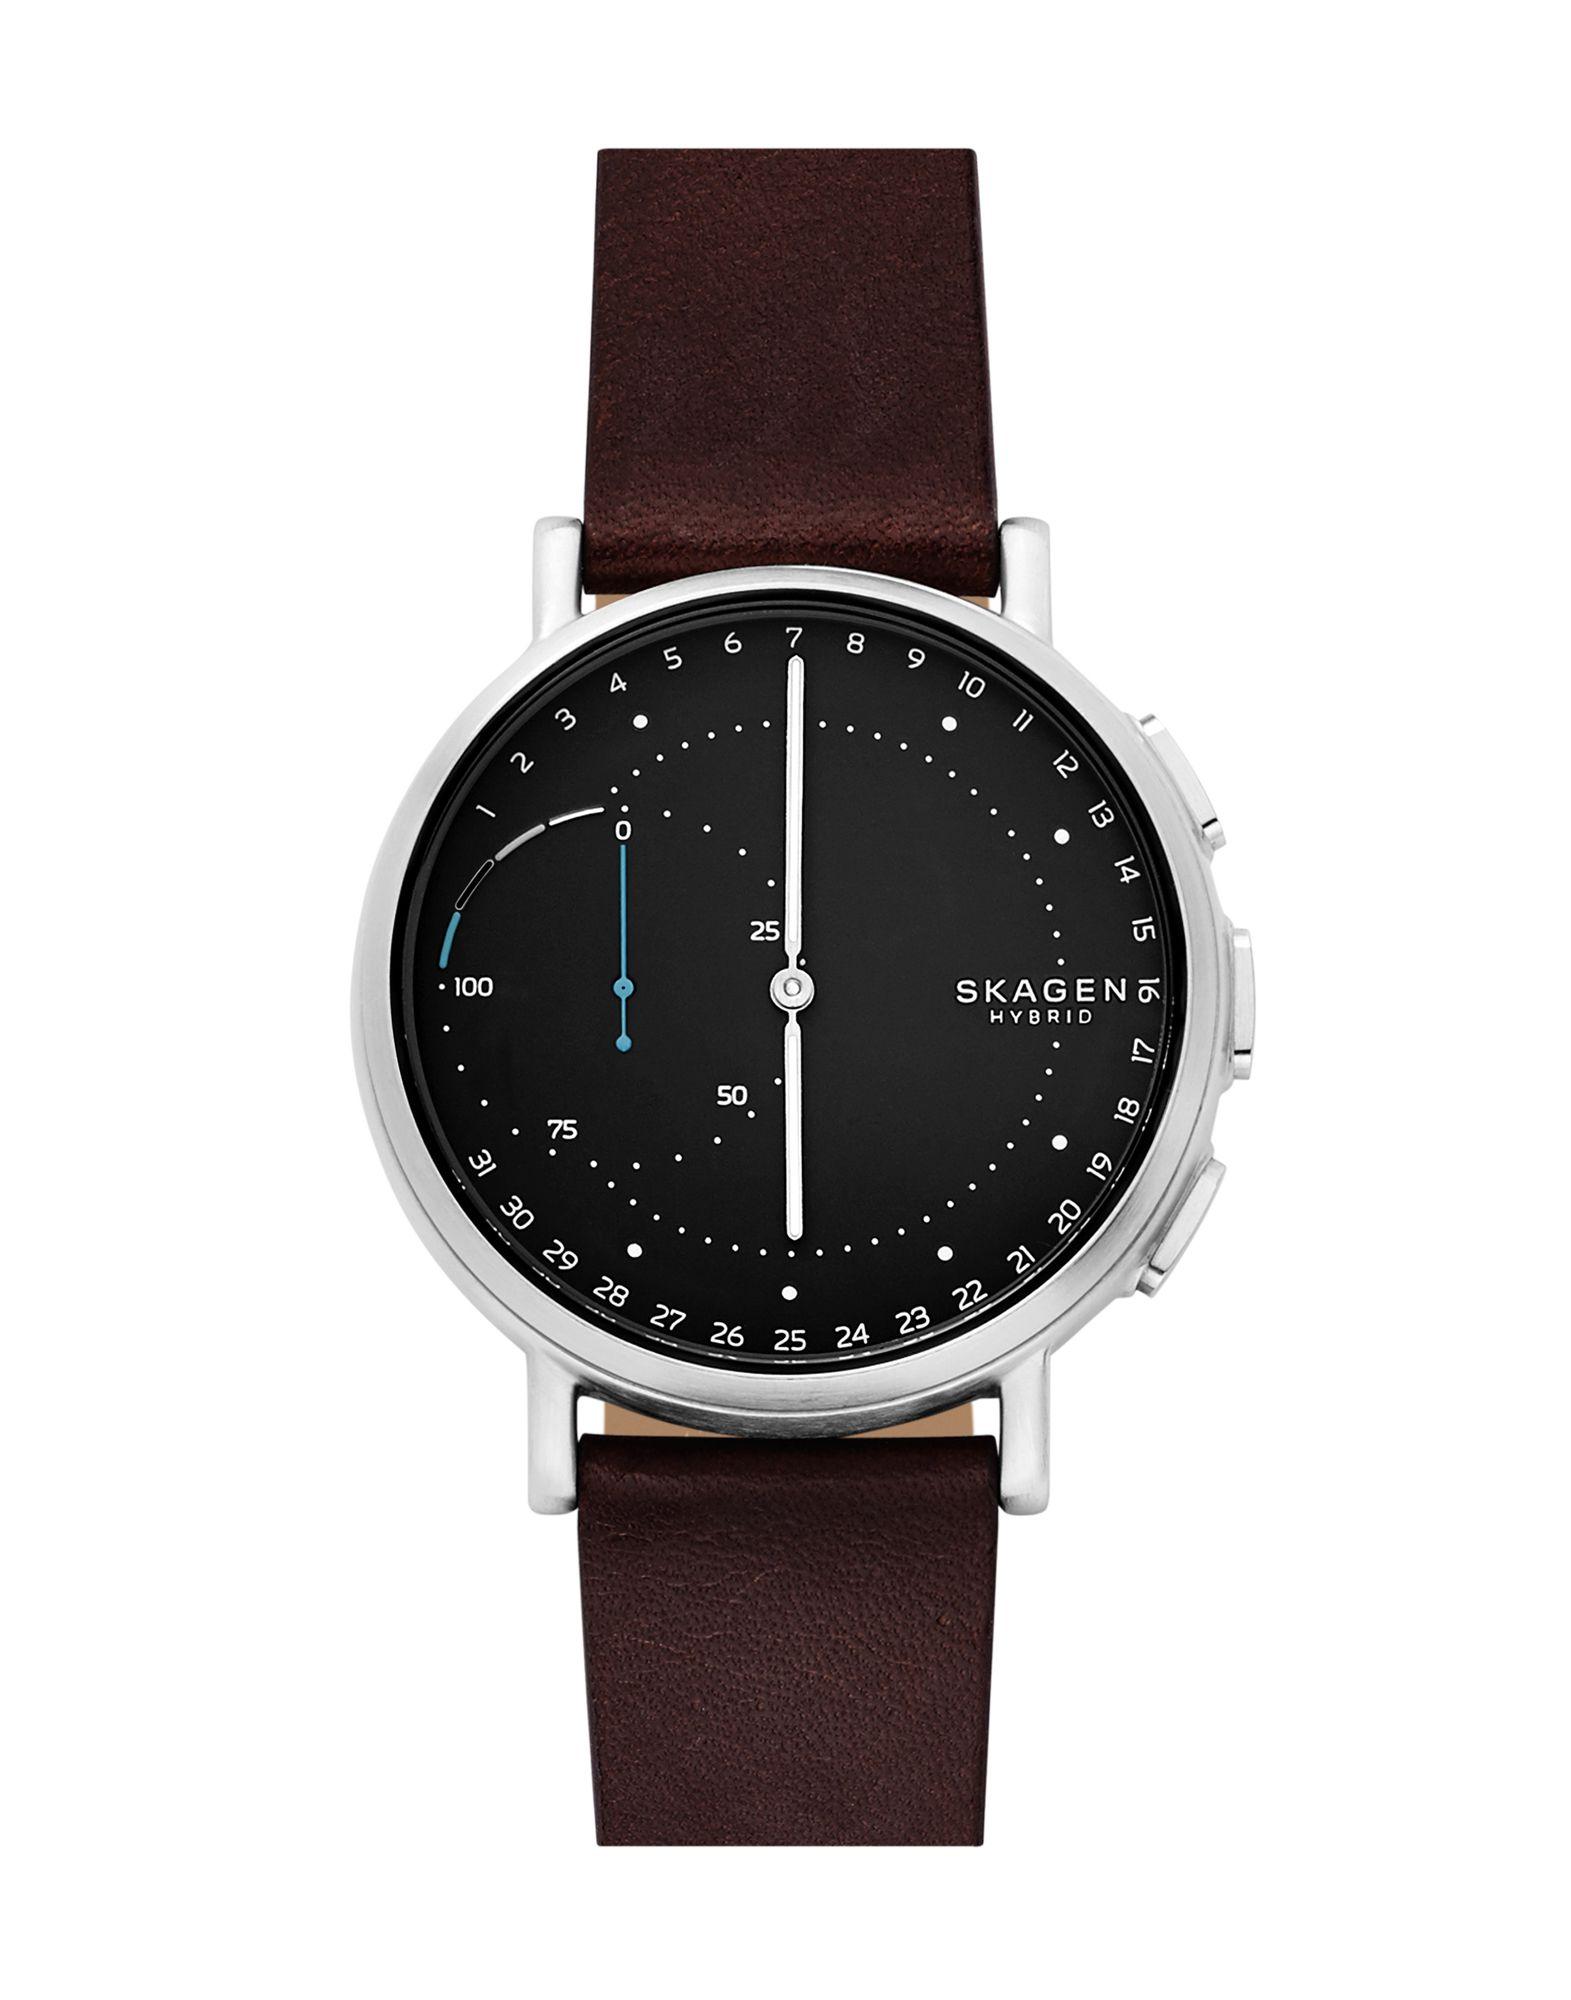 SKAGEN CONNECTED Herren Smartwatch Farbe Schwarz Größe 1 jetztbilligerkaufen